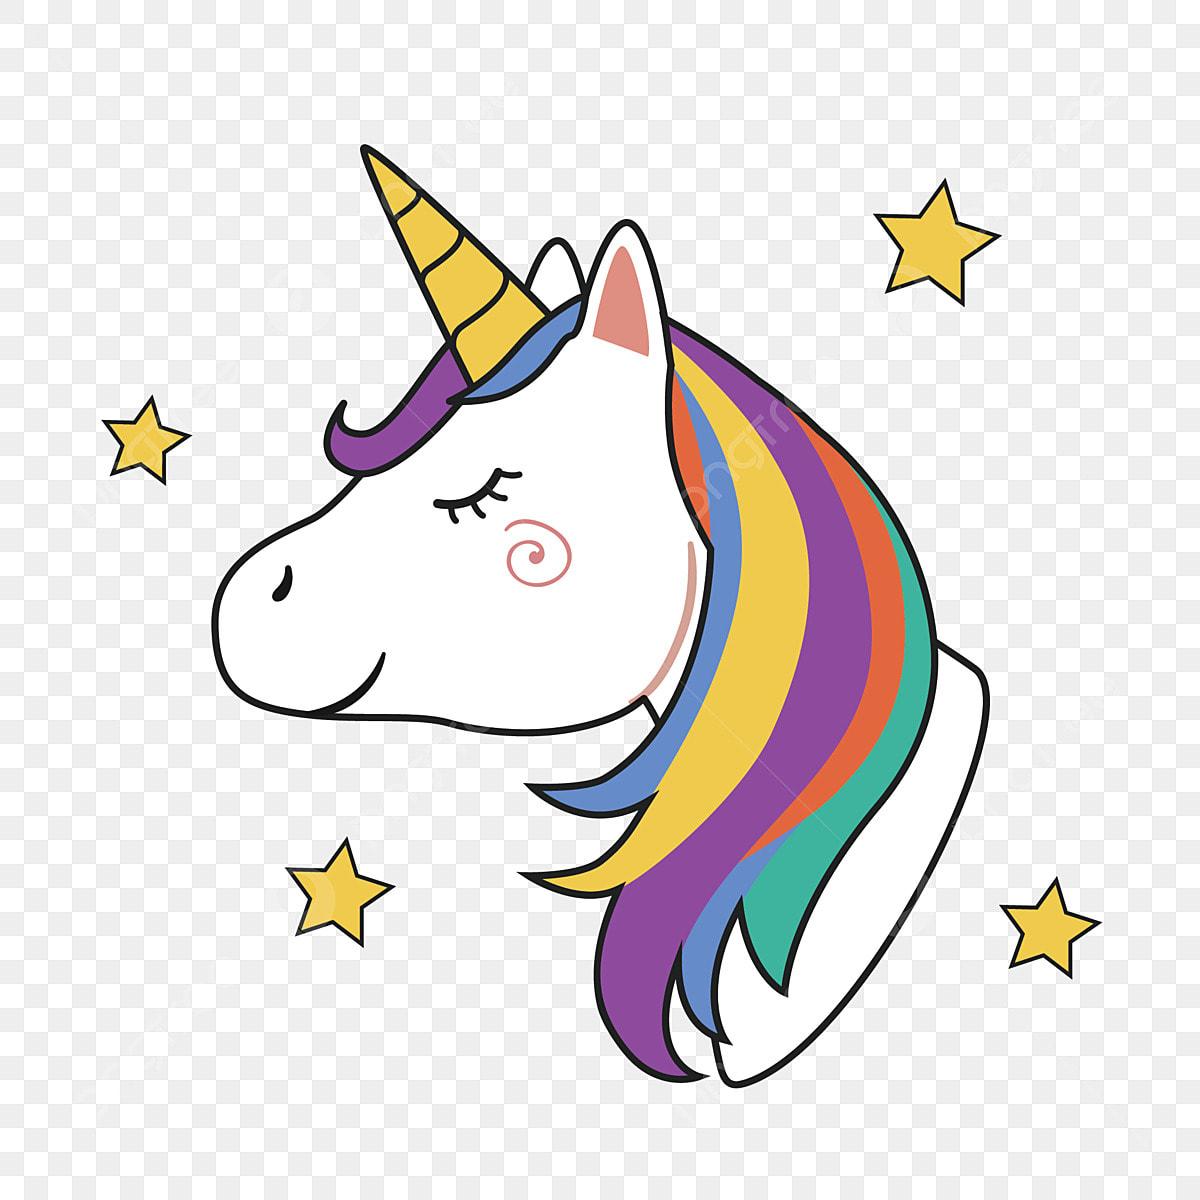 Unicorn Head With Rainbow Mane And Horn, Unicorn, Head ...